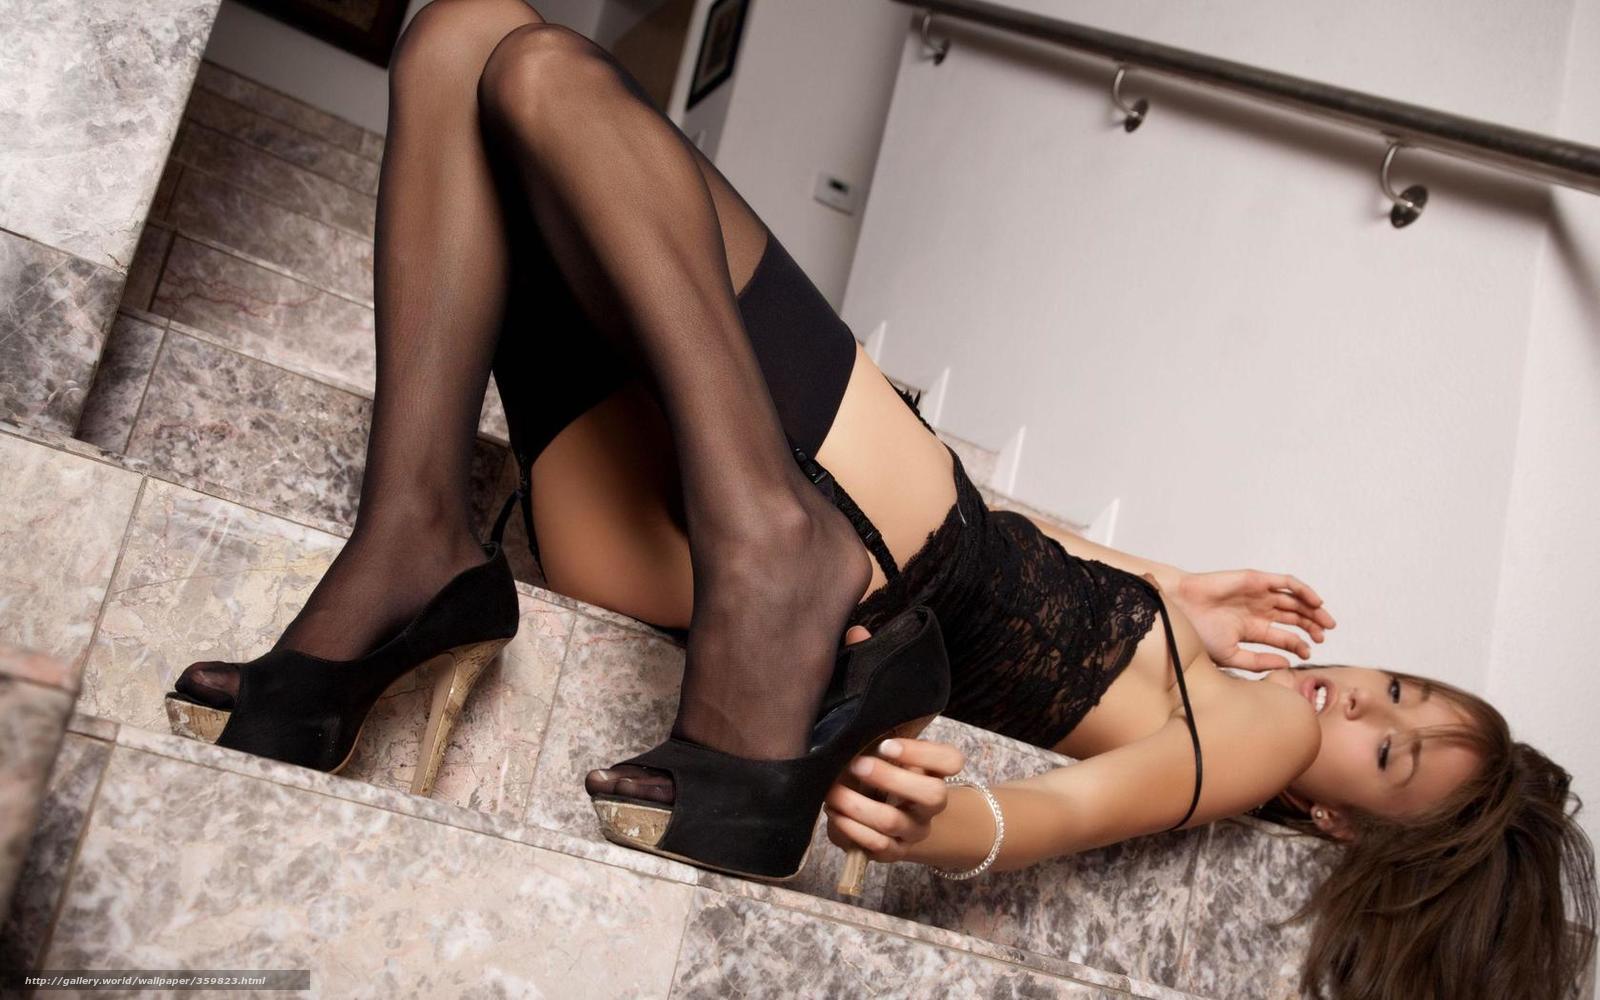 Проститутки в чулках на каблуках порно 25 фотография